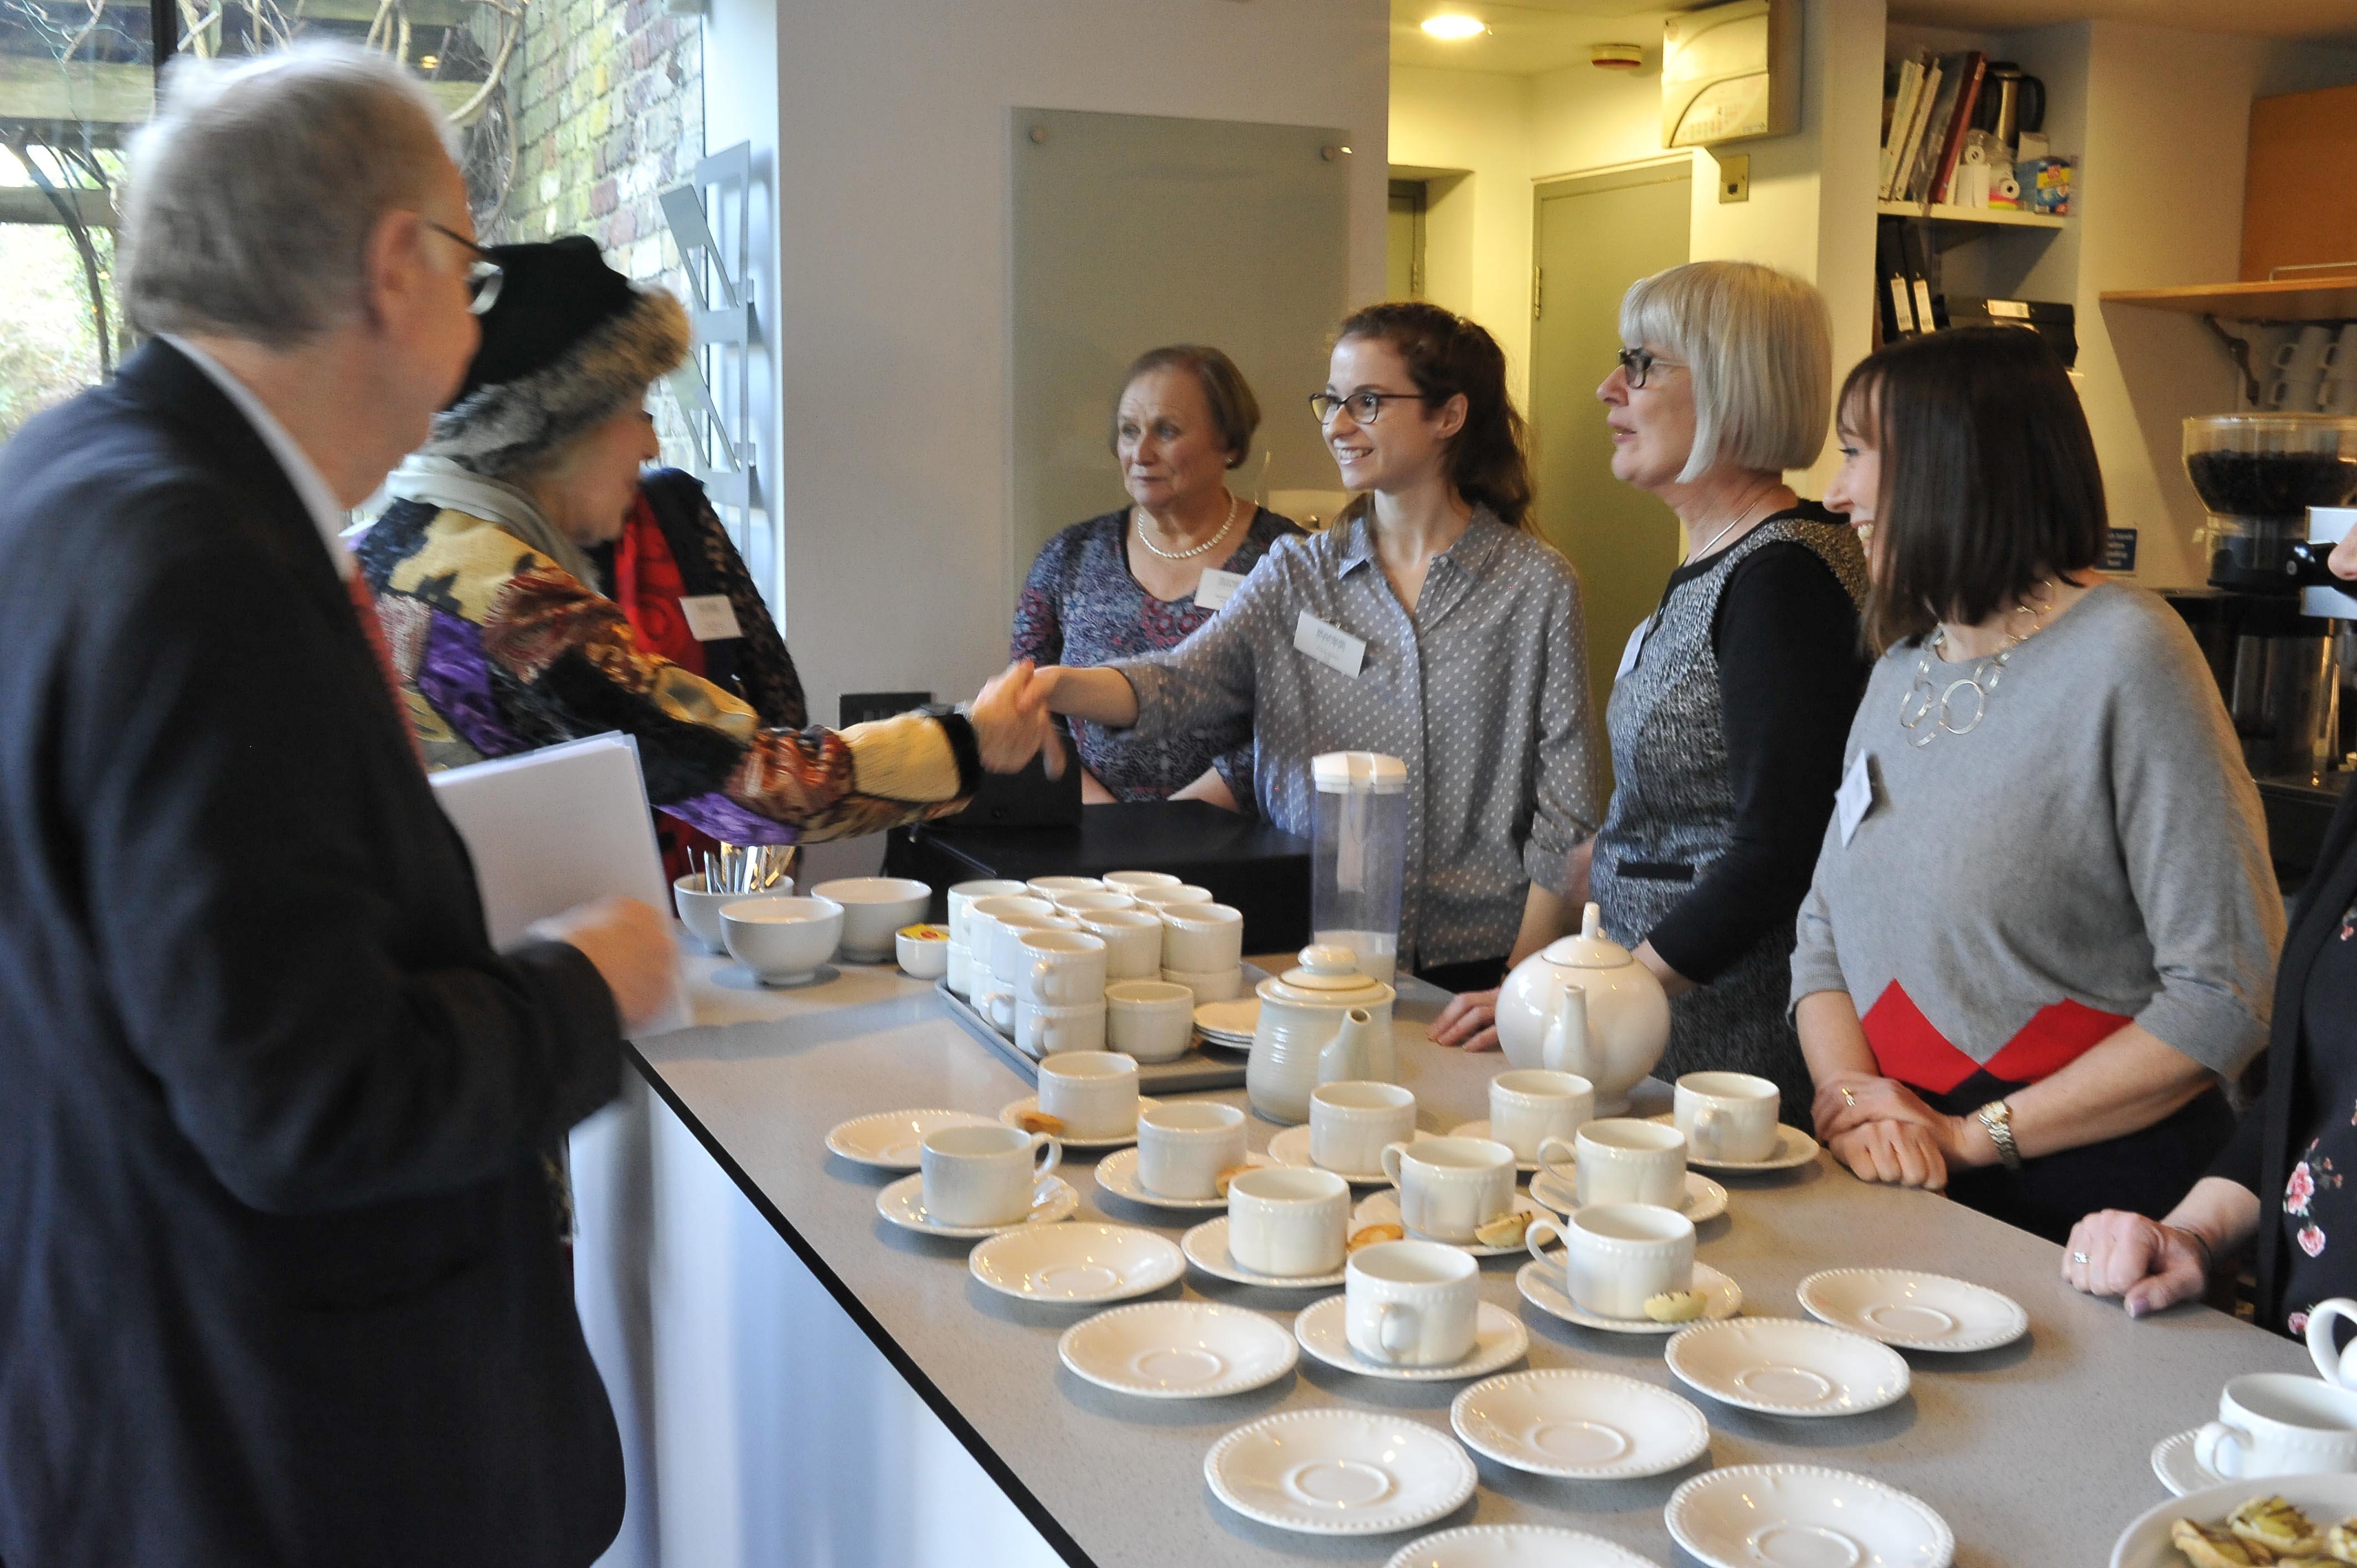 HRH & Café Volunteers